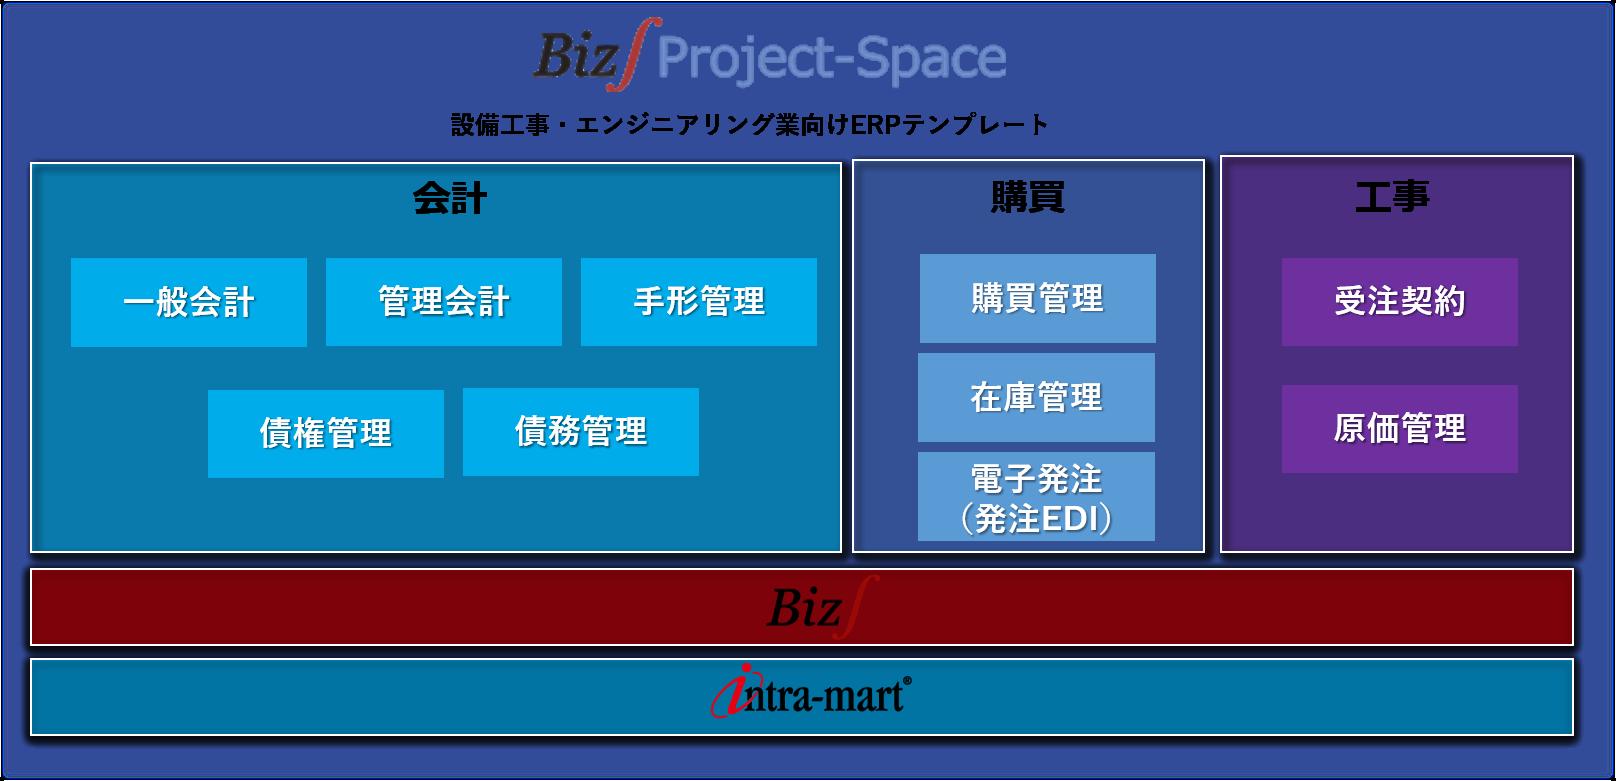 建設・エンジニアリング業のERP(基幹システム)構成図(エア・ウォーター・プラントエンジニアリング様)